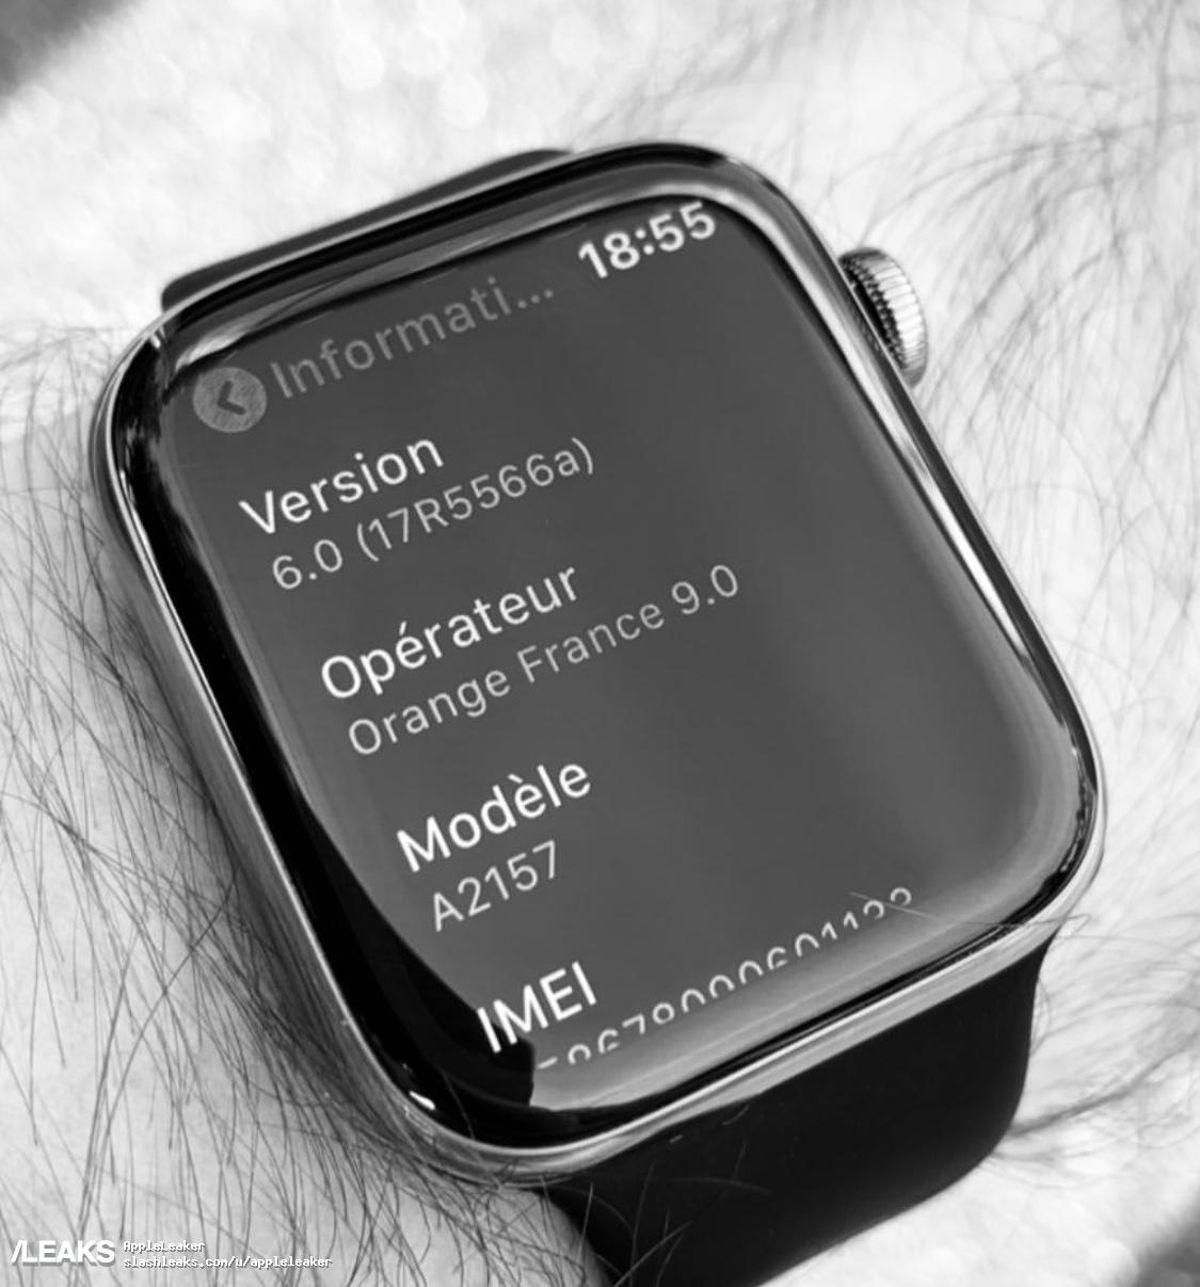 هل يمكن أن تكون هذه هي الساعة الذكية Apple Watch Series 5 القادمة من آبل؟